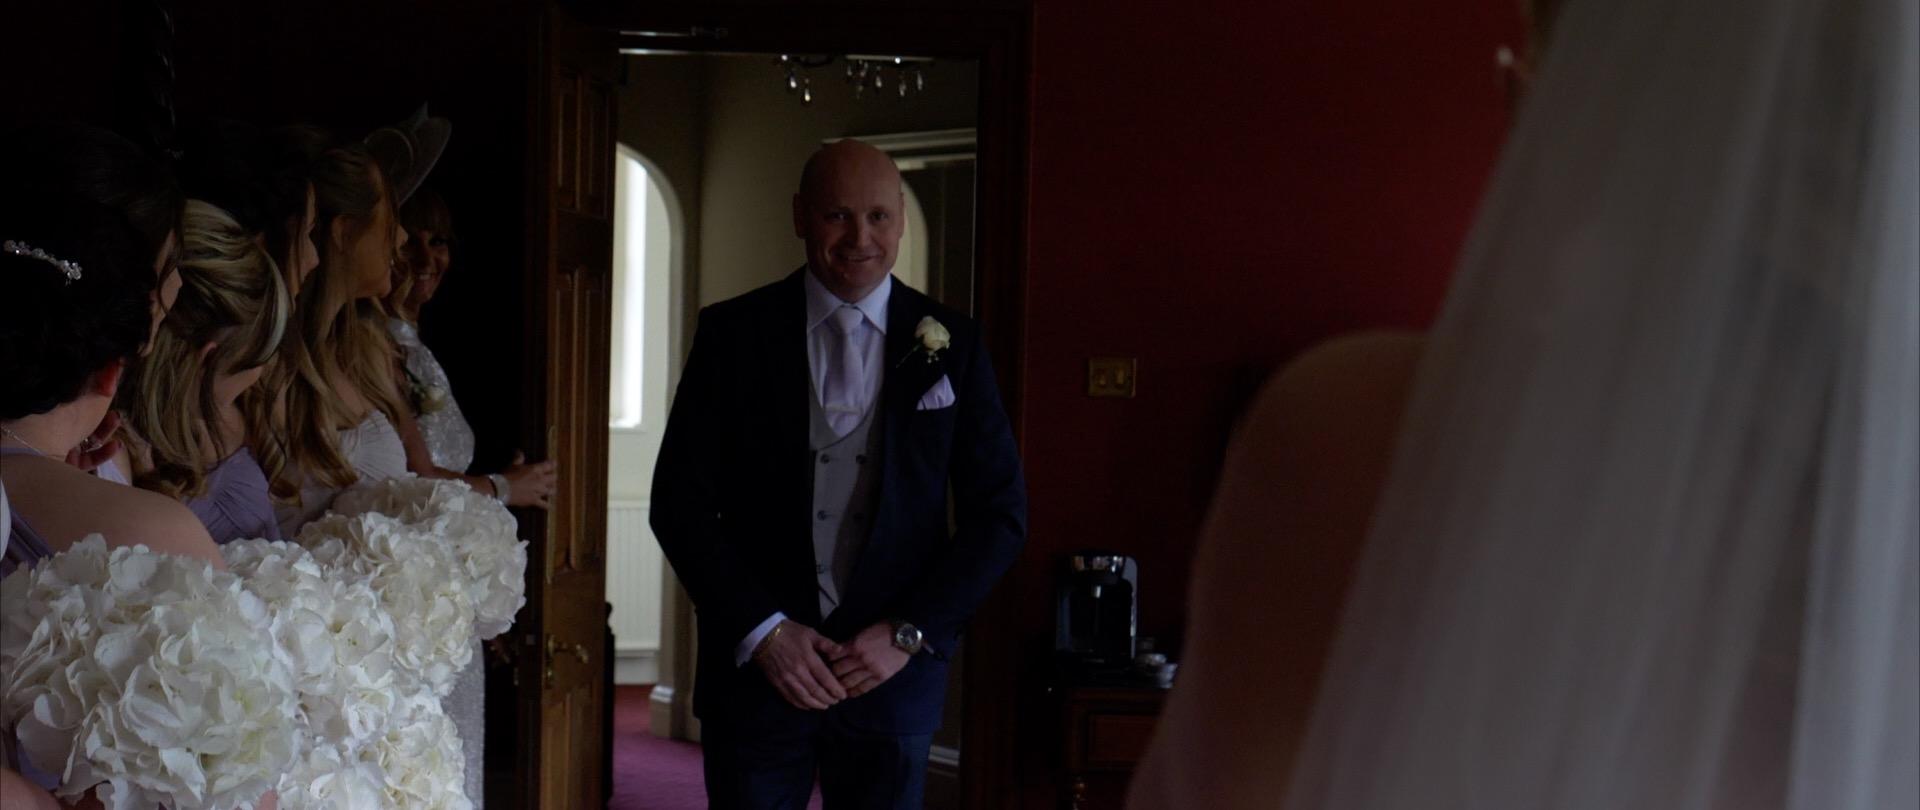 Dads reaction video wedding essex.jpg